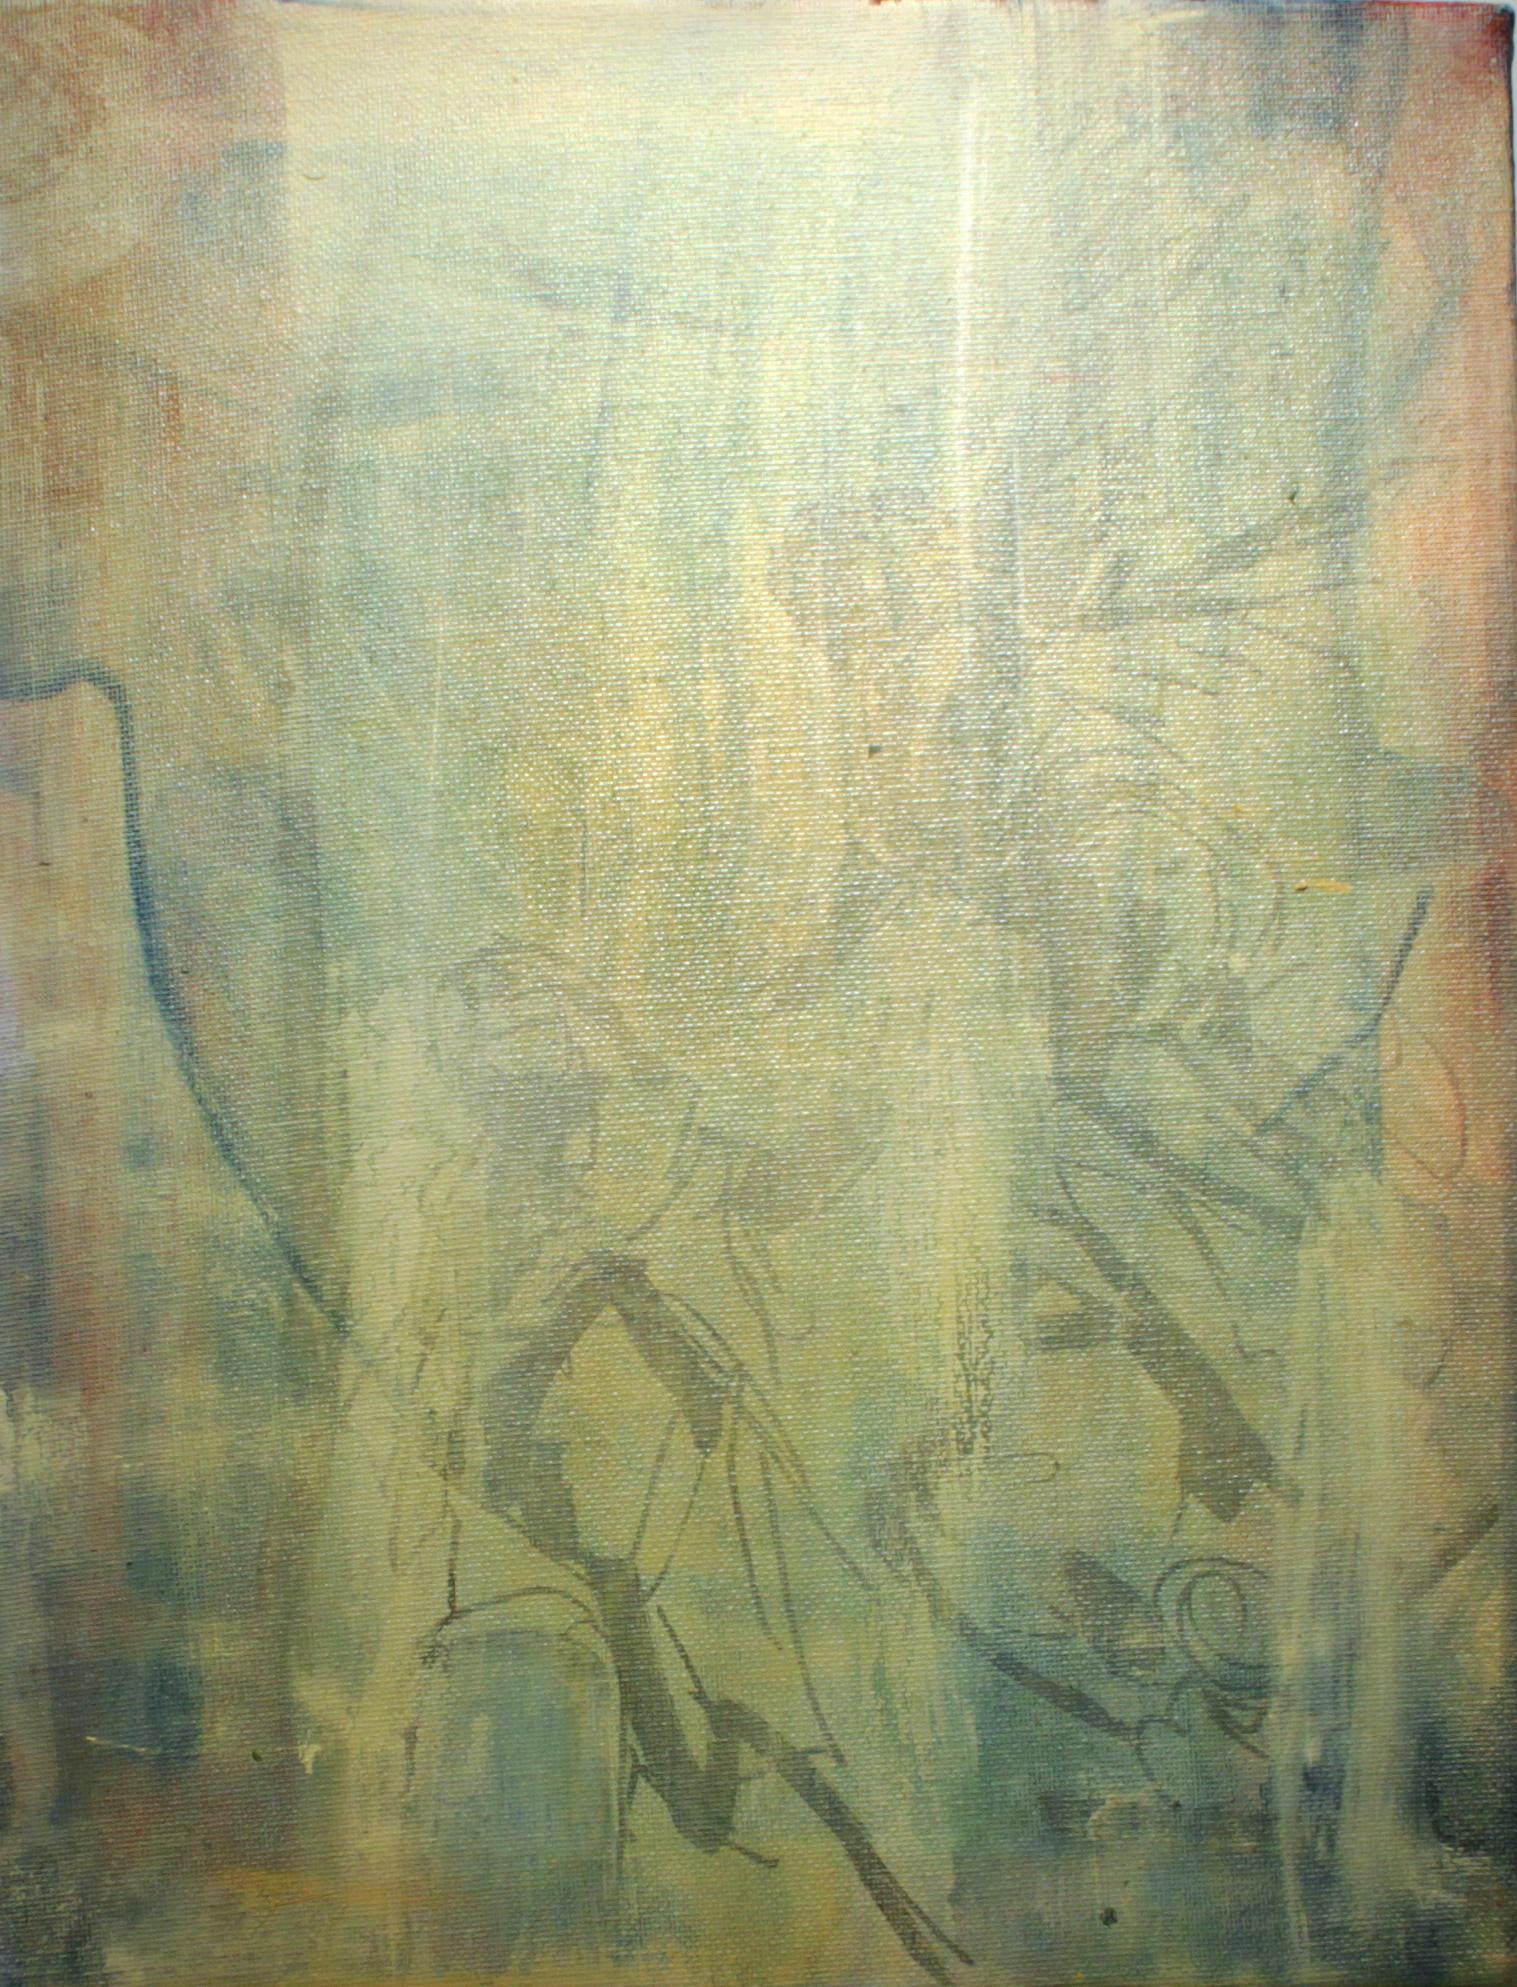 CW-046, Christian Worthington, Annunciation, Acrylic and Oil on Canvas, 11 x 14.jpg